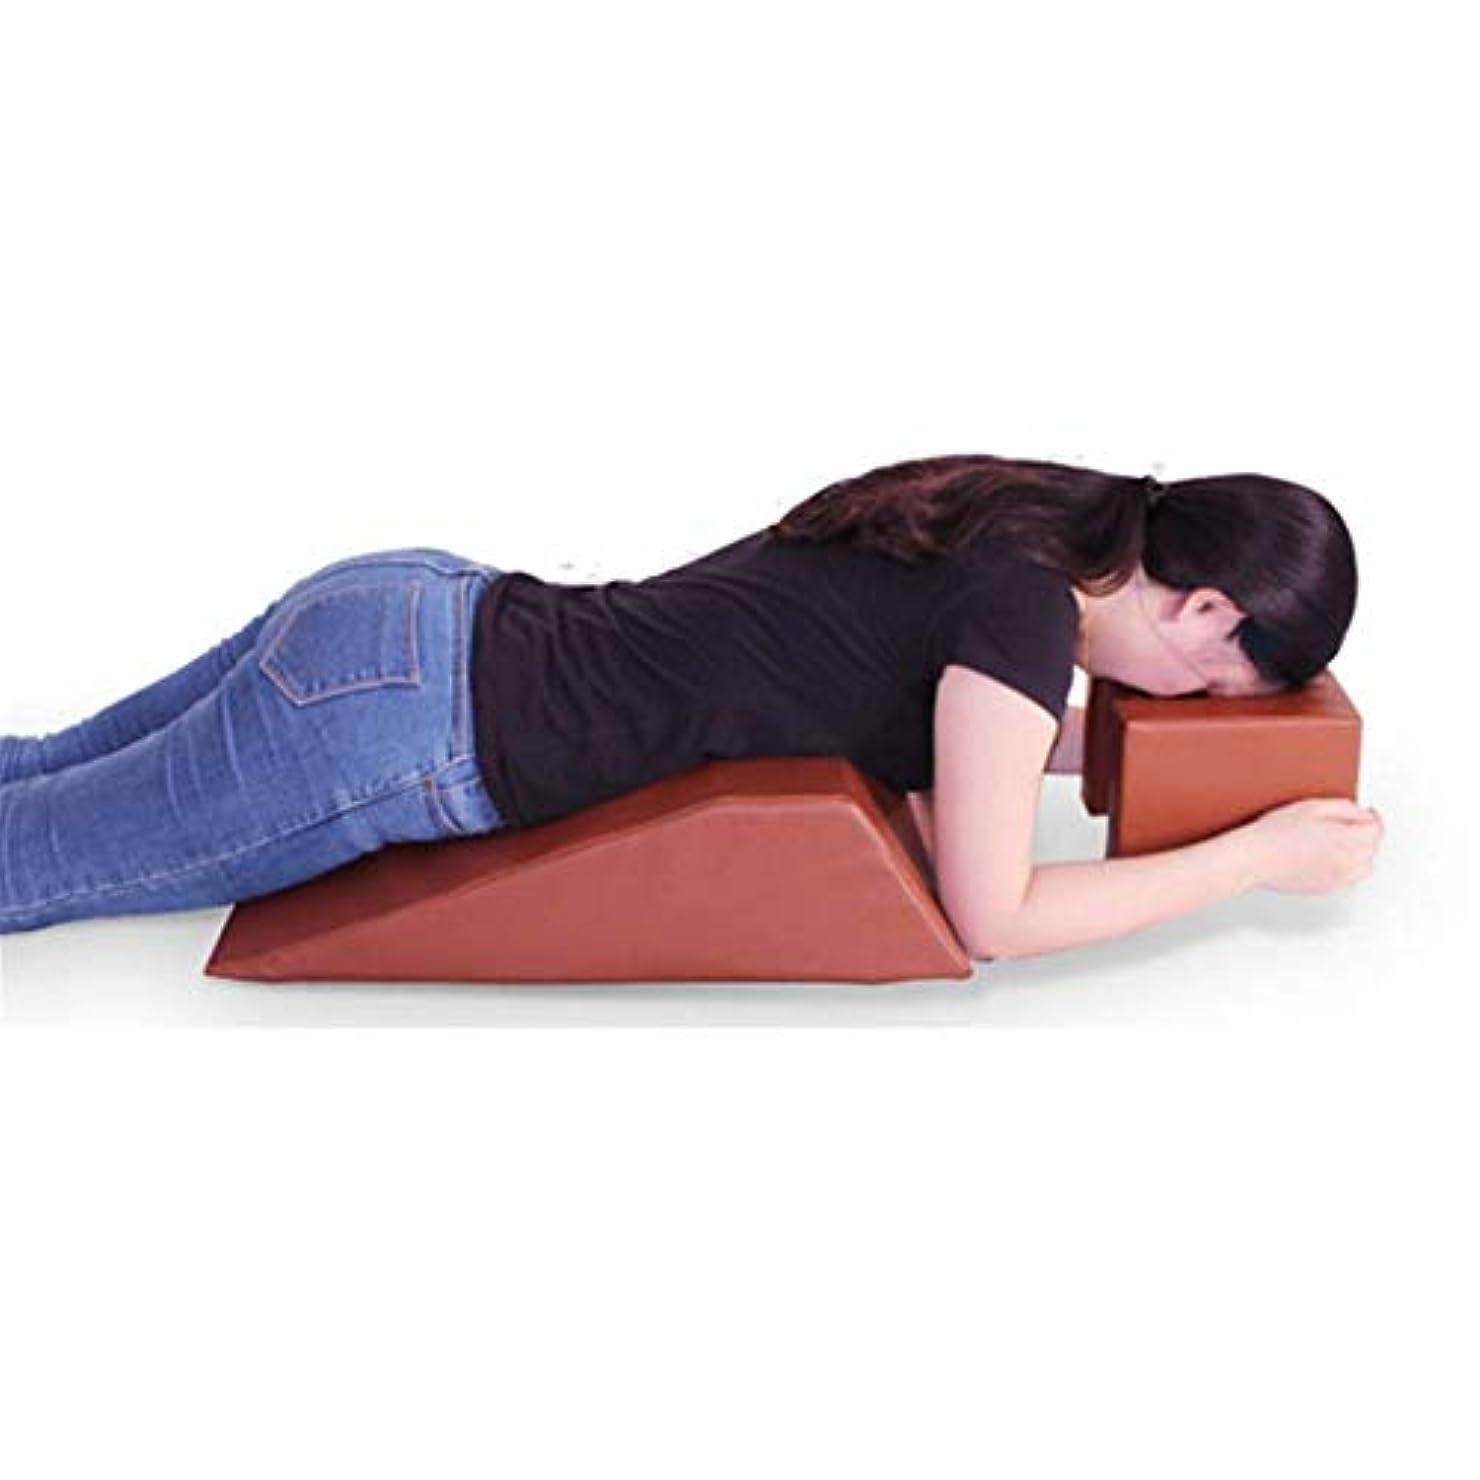 かごブレーク属する腹臥位クッション、眠りやすい腹臥位、腰痛軽減、バックセラピー